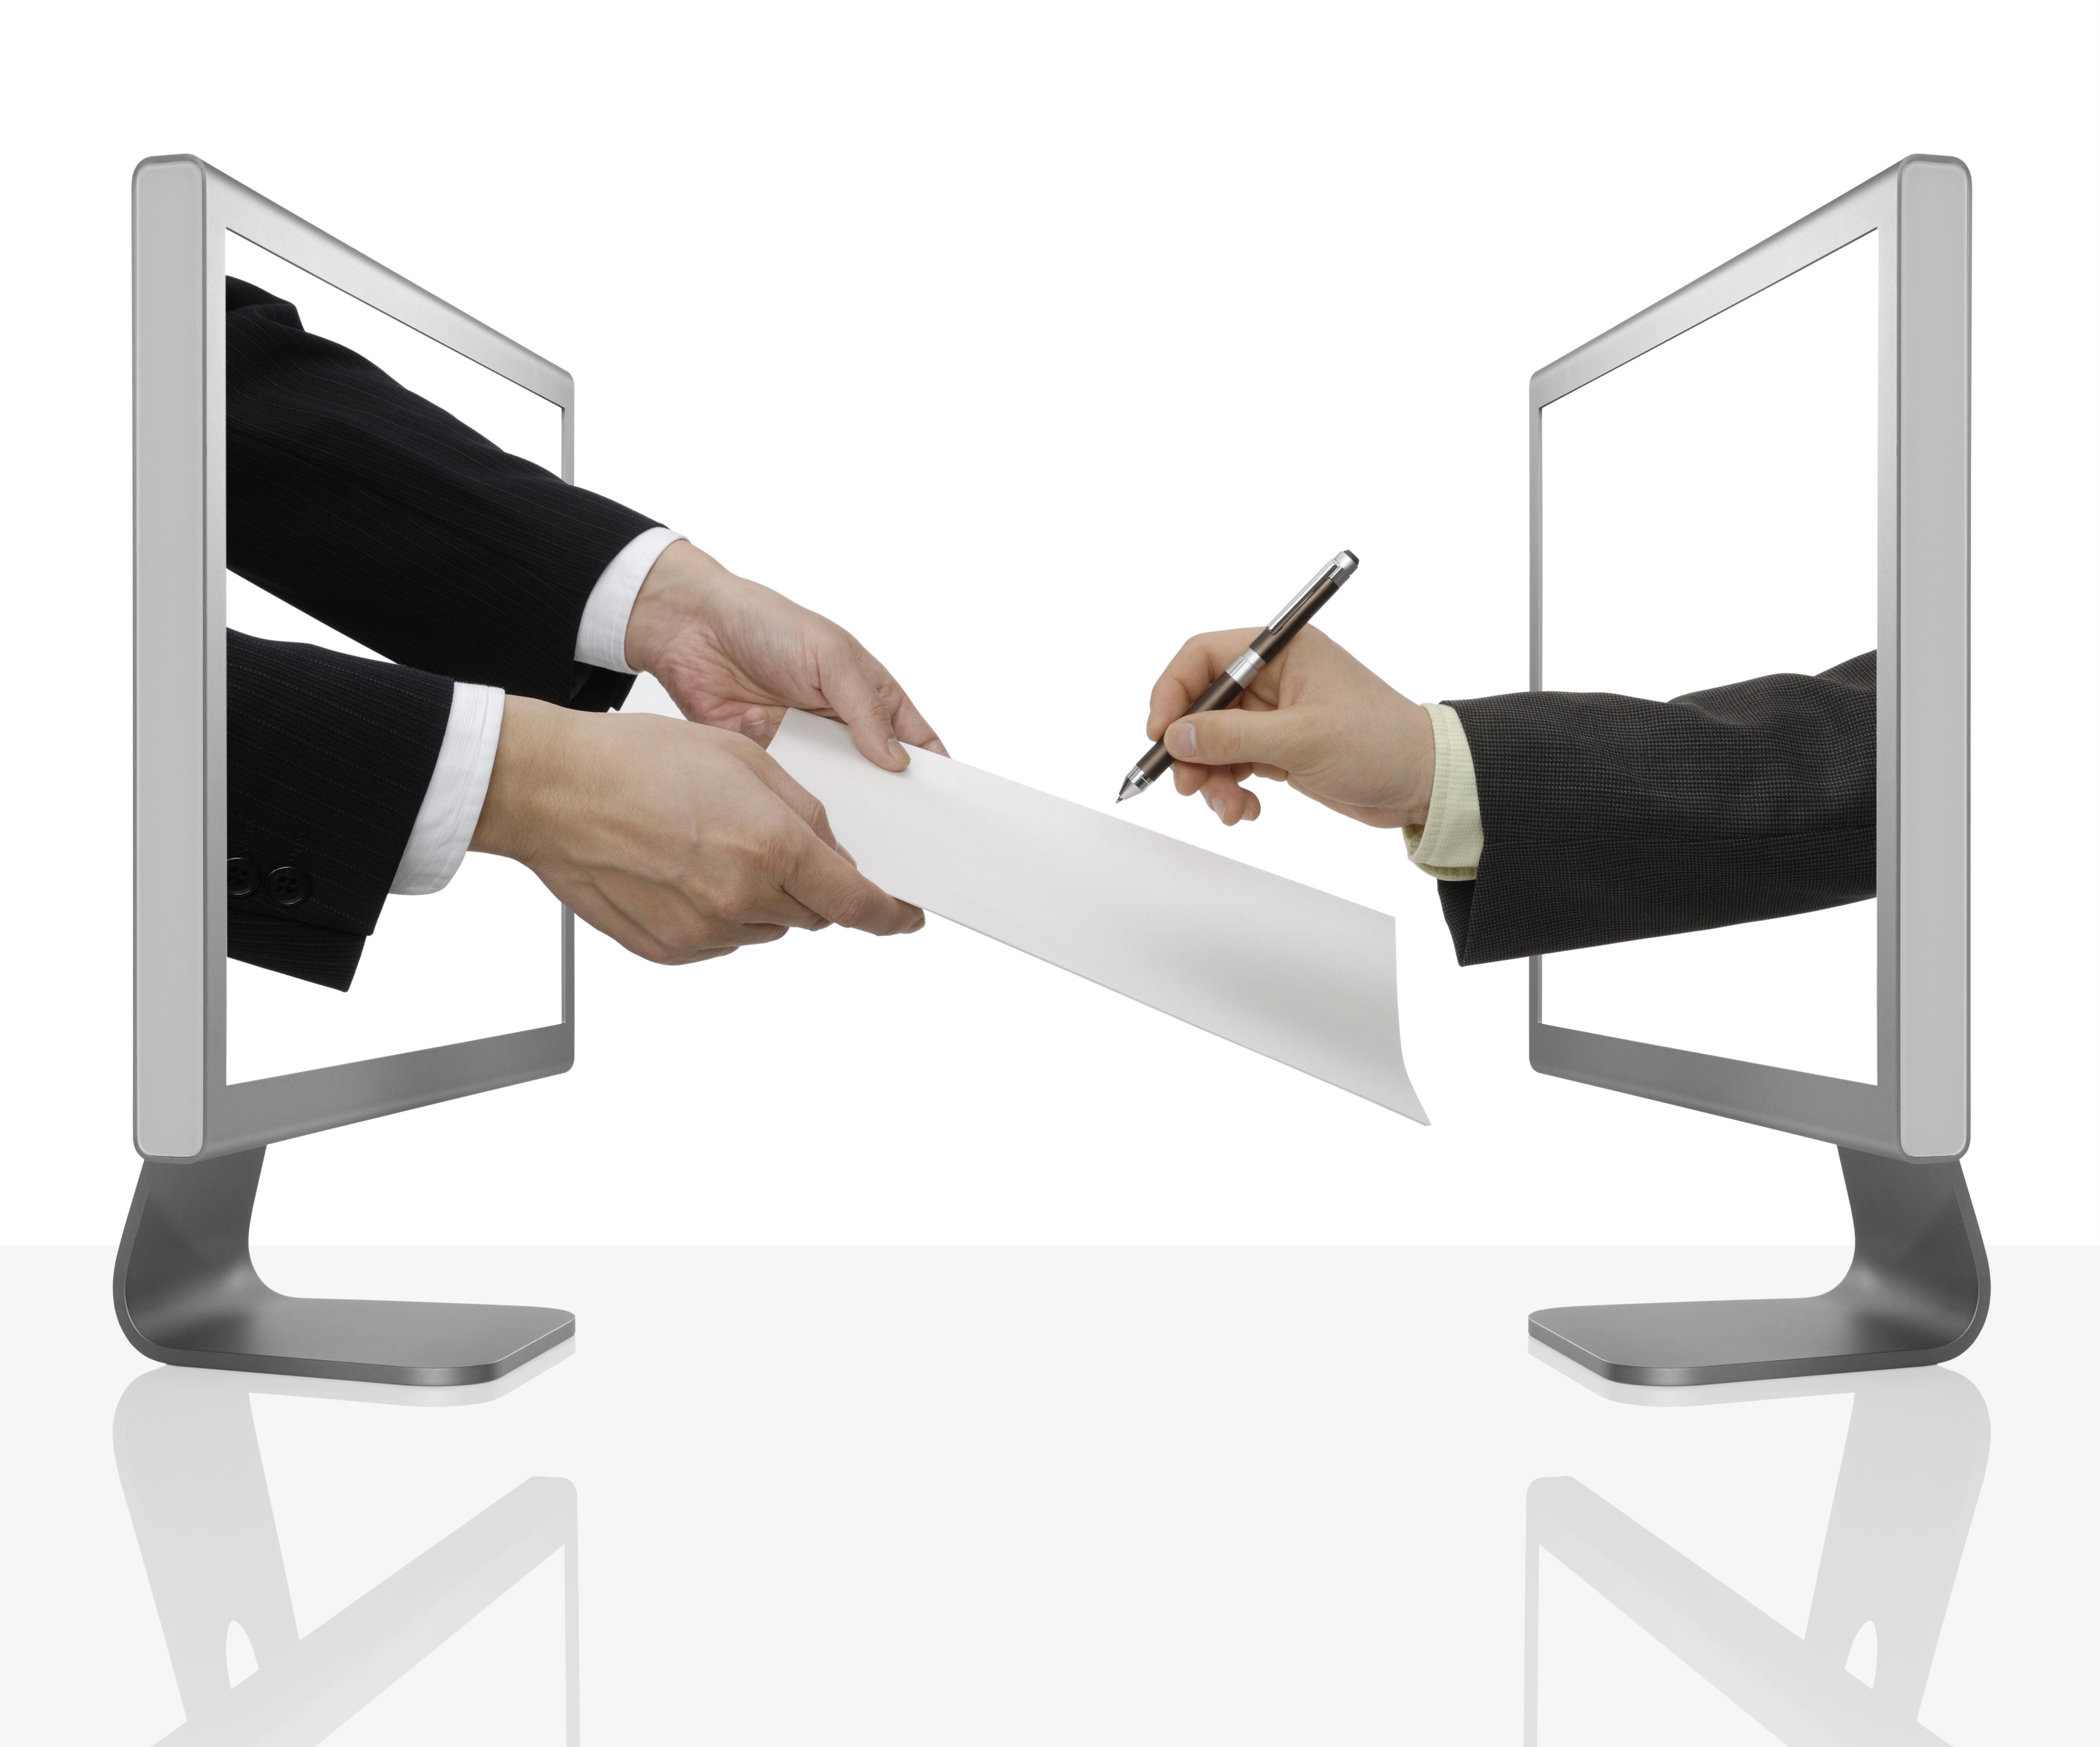 Abbildung zeigt symbolisch zwei Bildschirme, durch die Arme und Hände ein Blatt Papier und einen Stift zur Unterschrift reichen